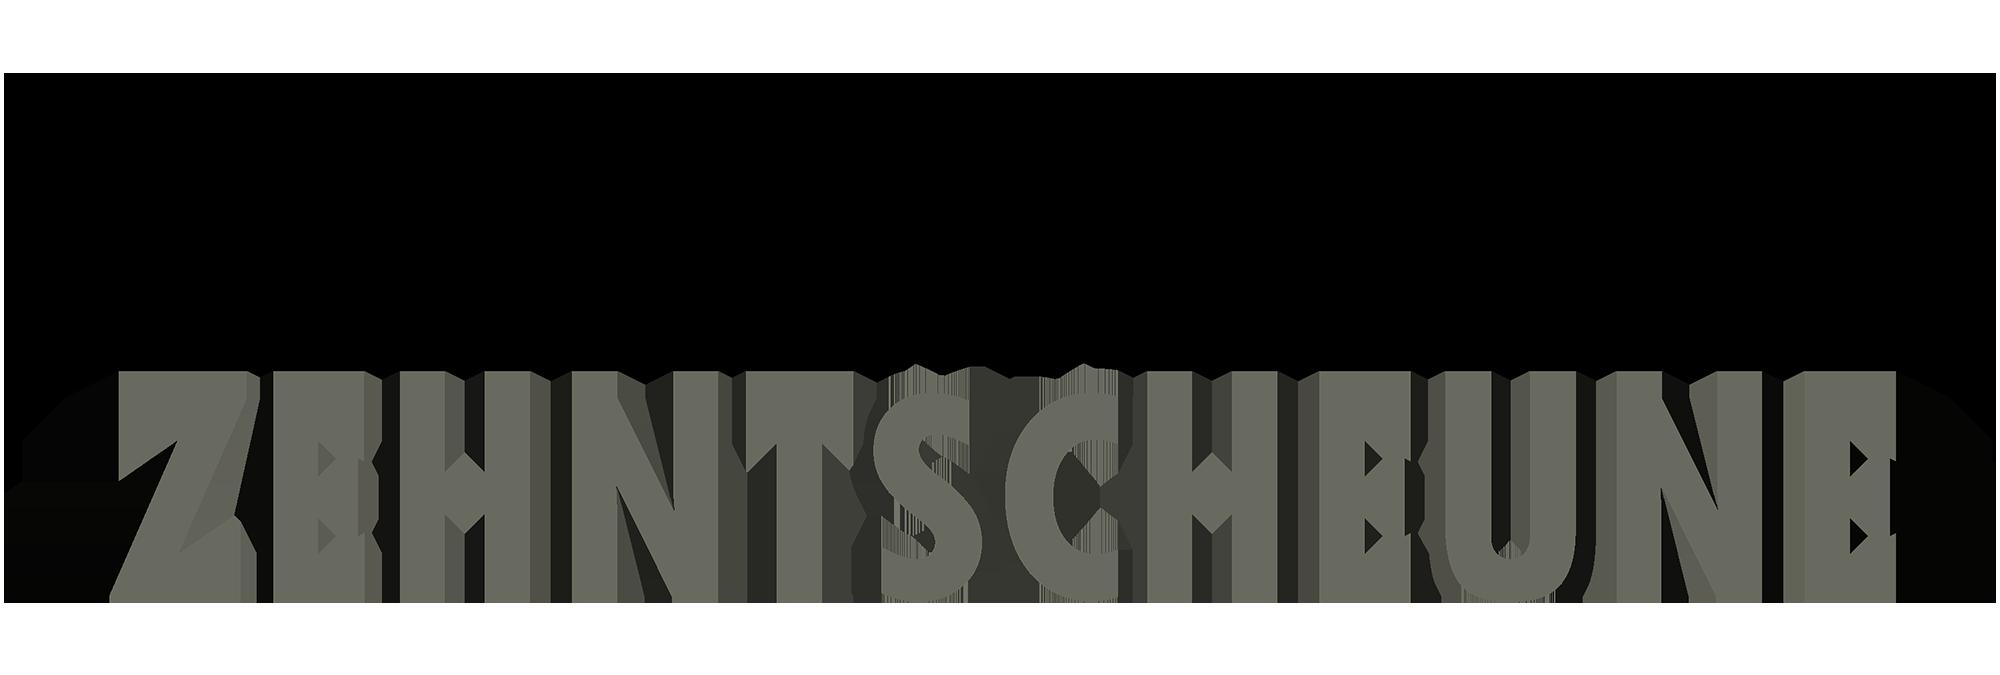 Hotel & Restaurant Zehntscheune